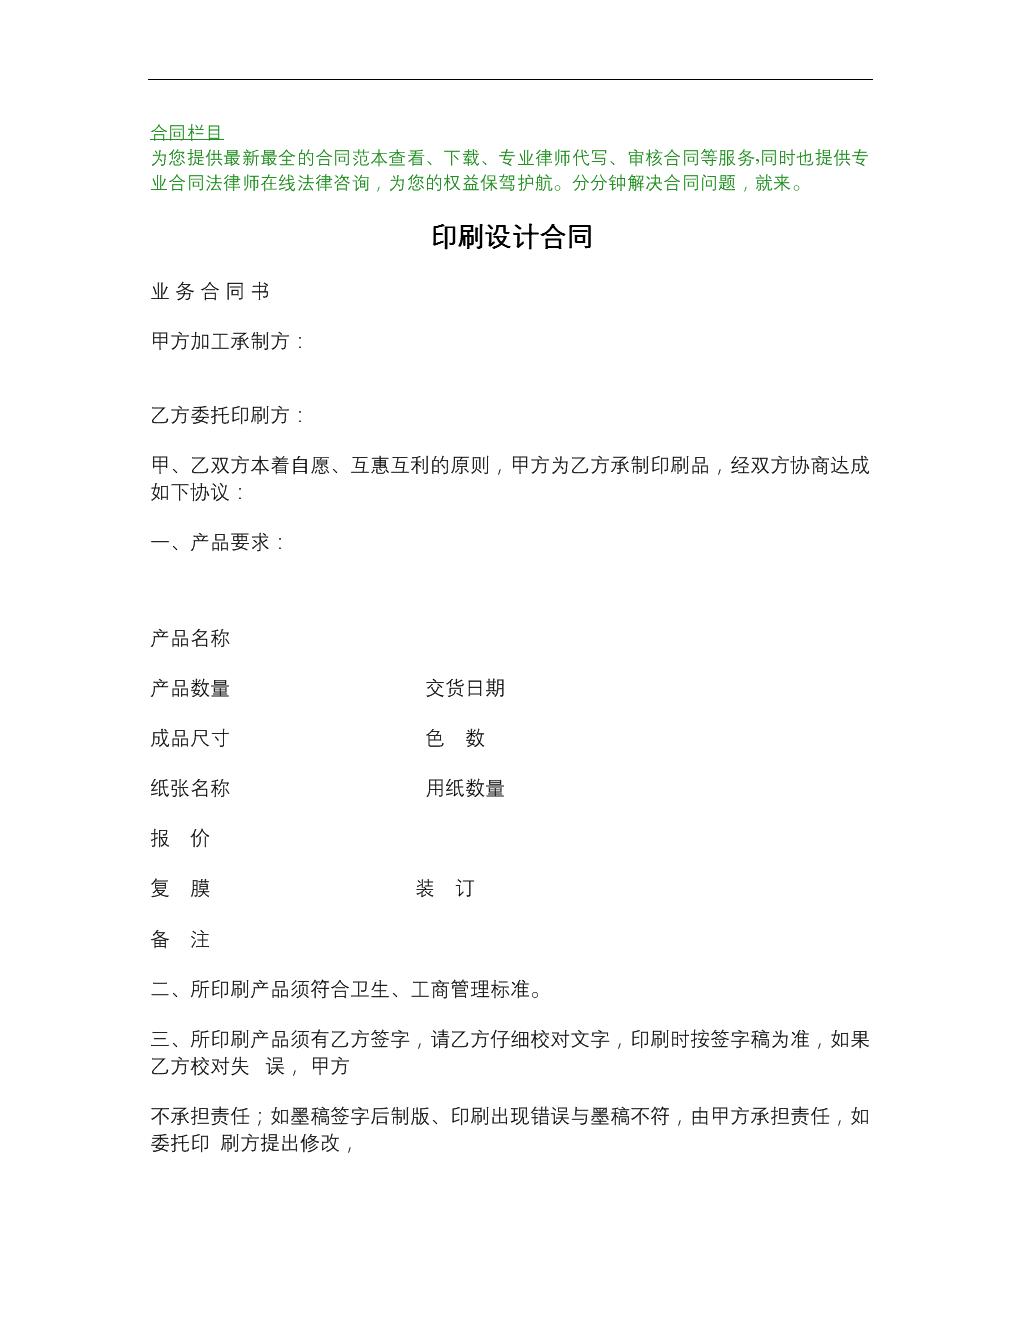 印刷设计合同 编号1518.doc